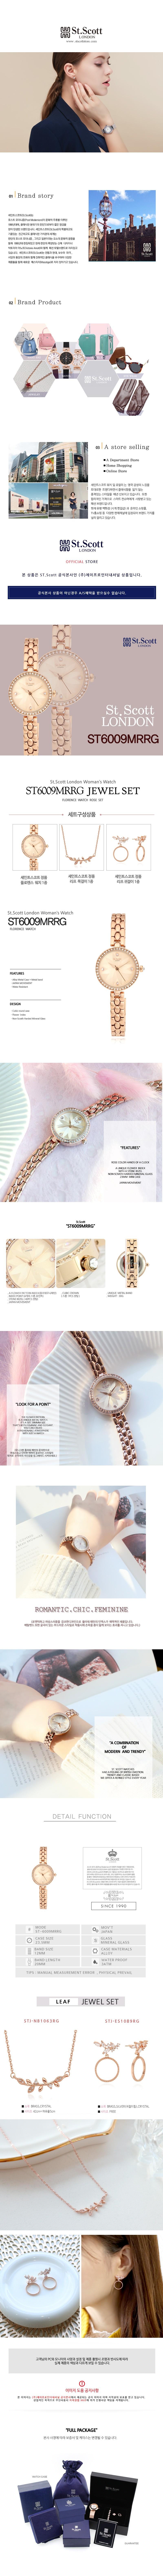 세인트스코트 [신상품][정품] SET 한정판매(귀걸이/목걸이/시계)_ST6009MRRG)하고 있습니다.